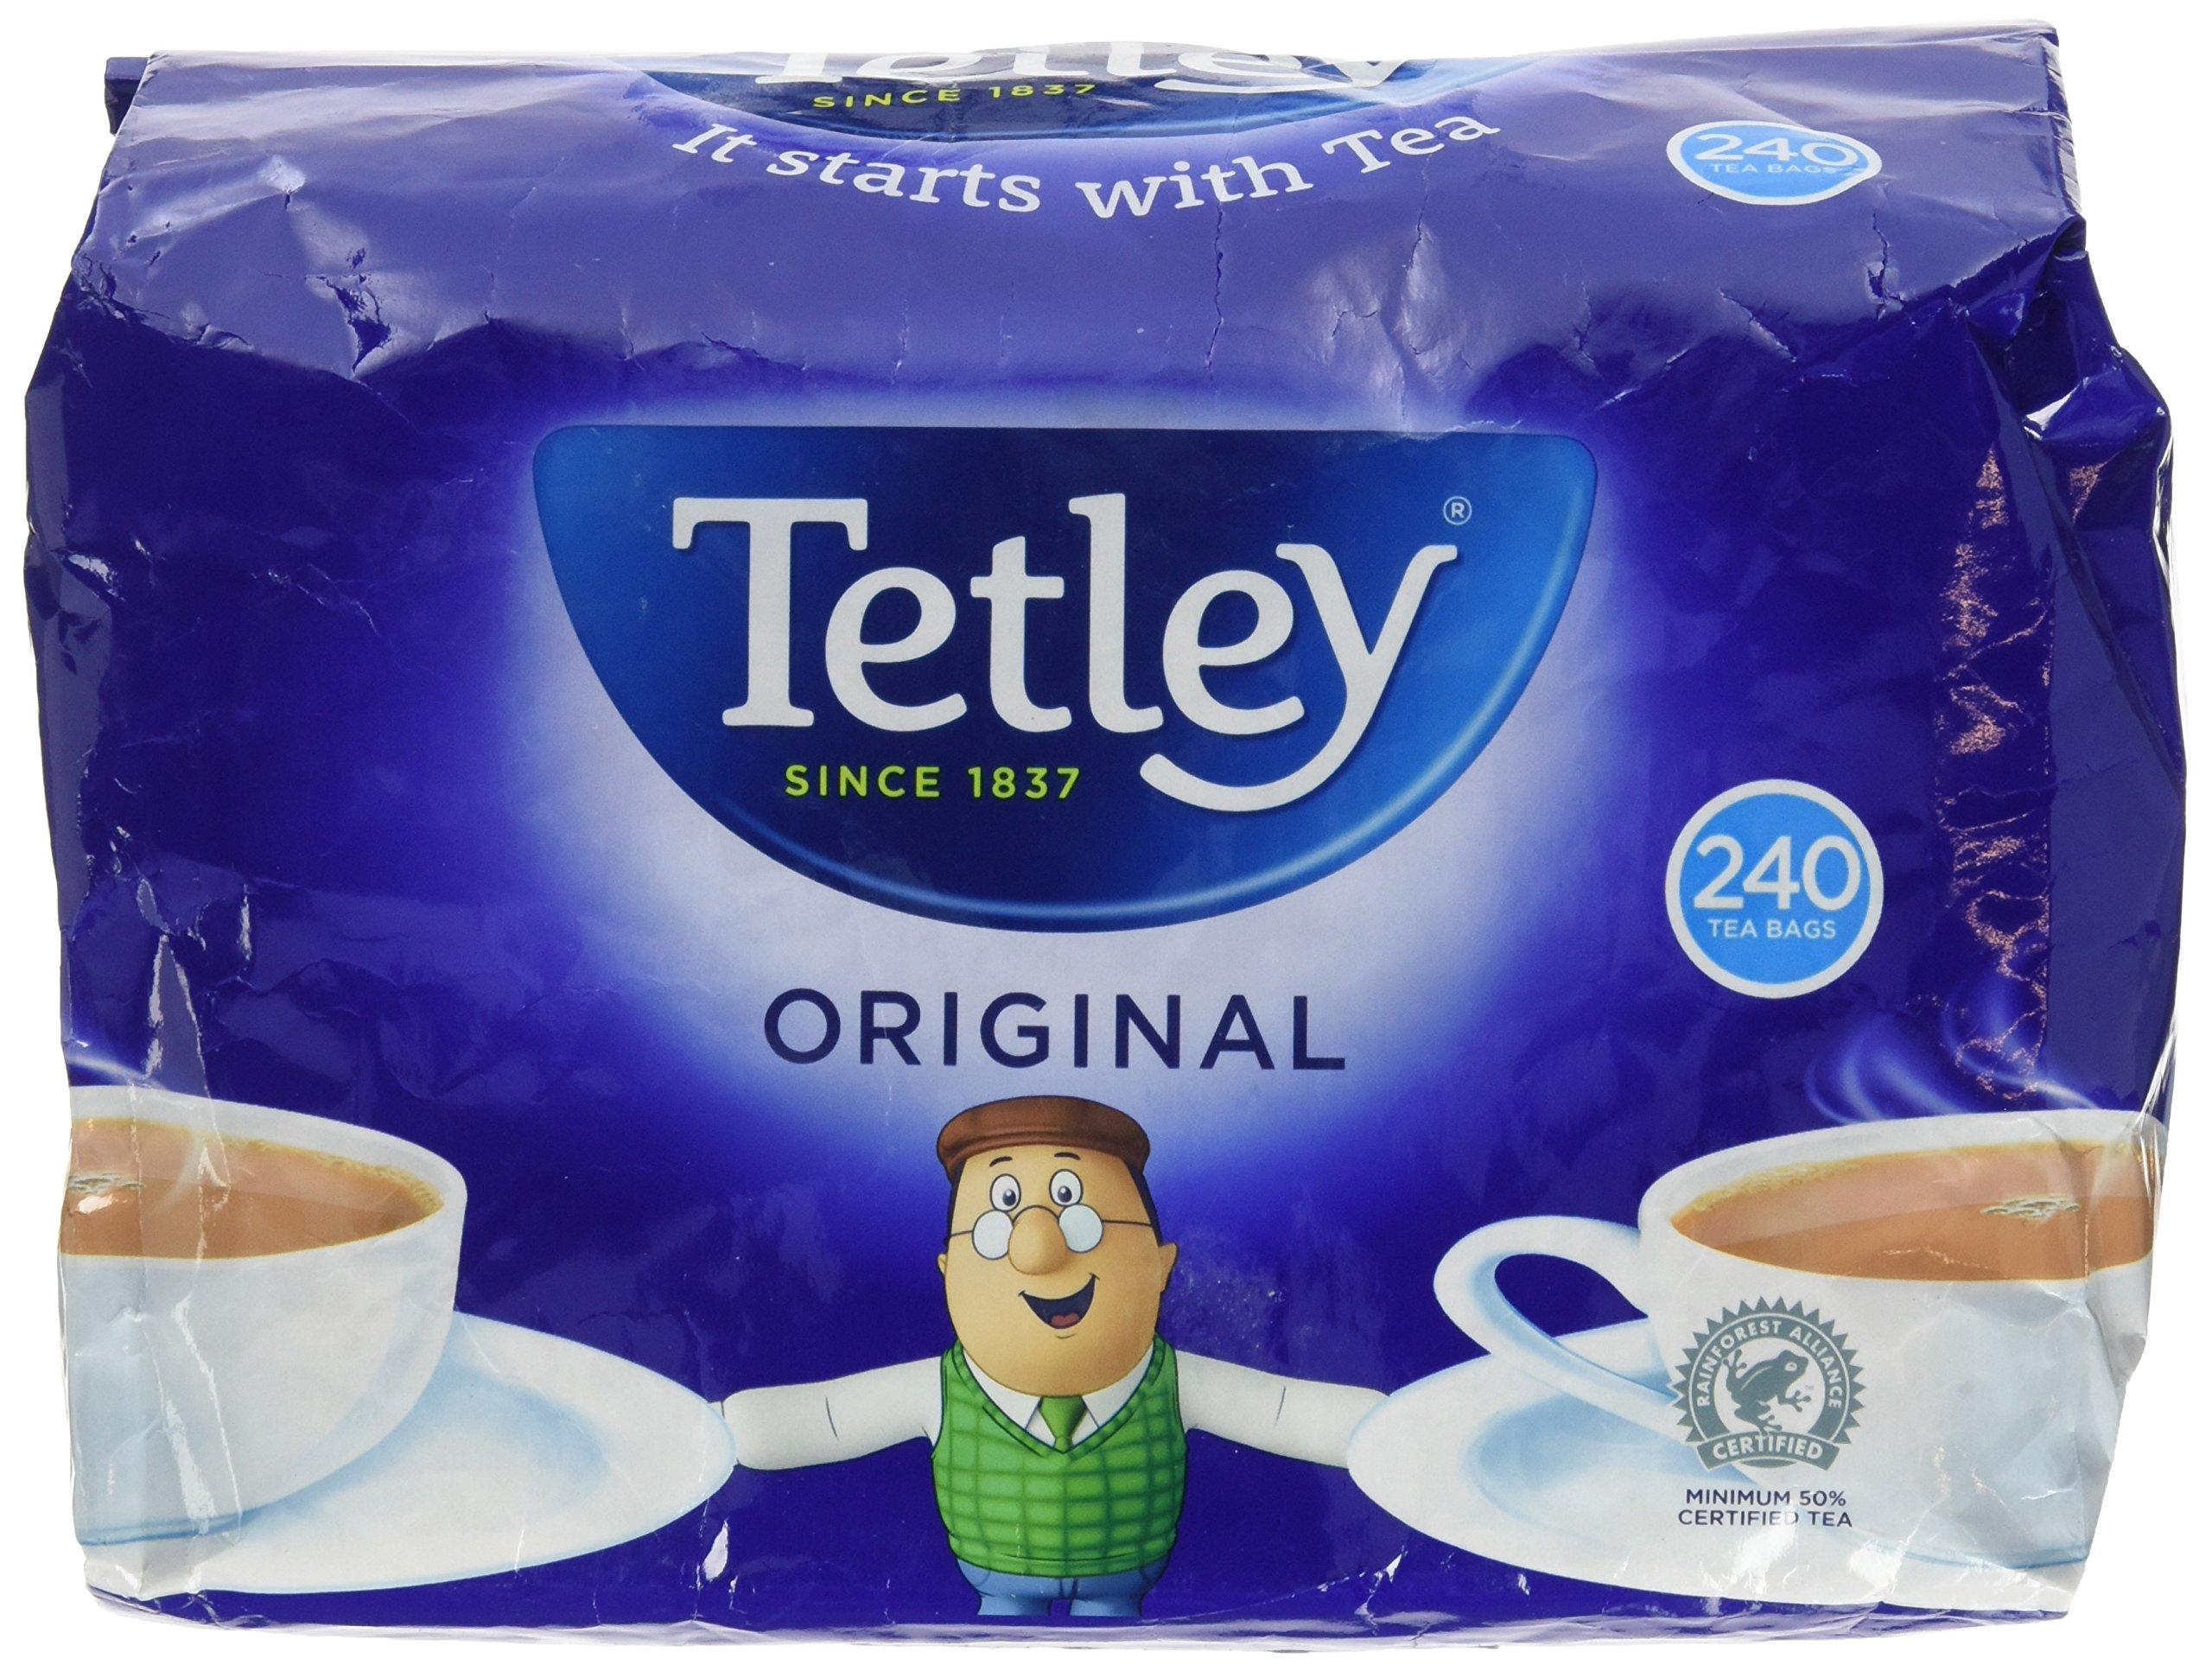 Tetley-Schwarzer-Tee-240-Btl-750g-Original-englische-Version